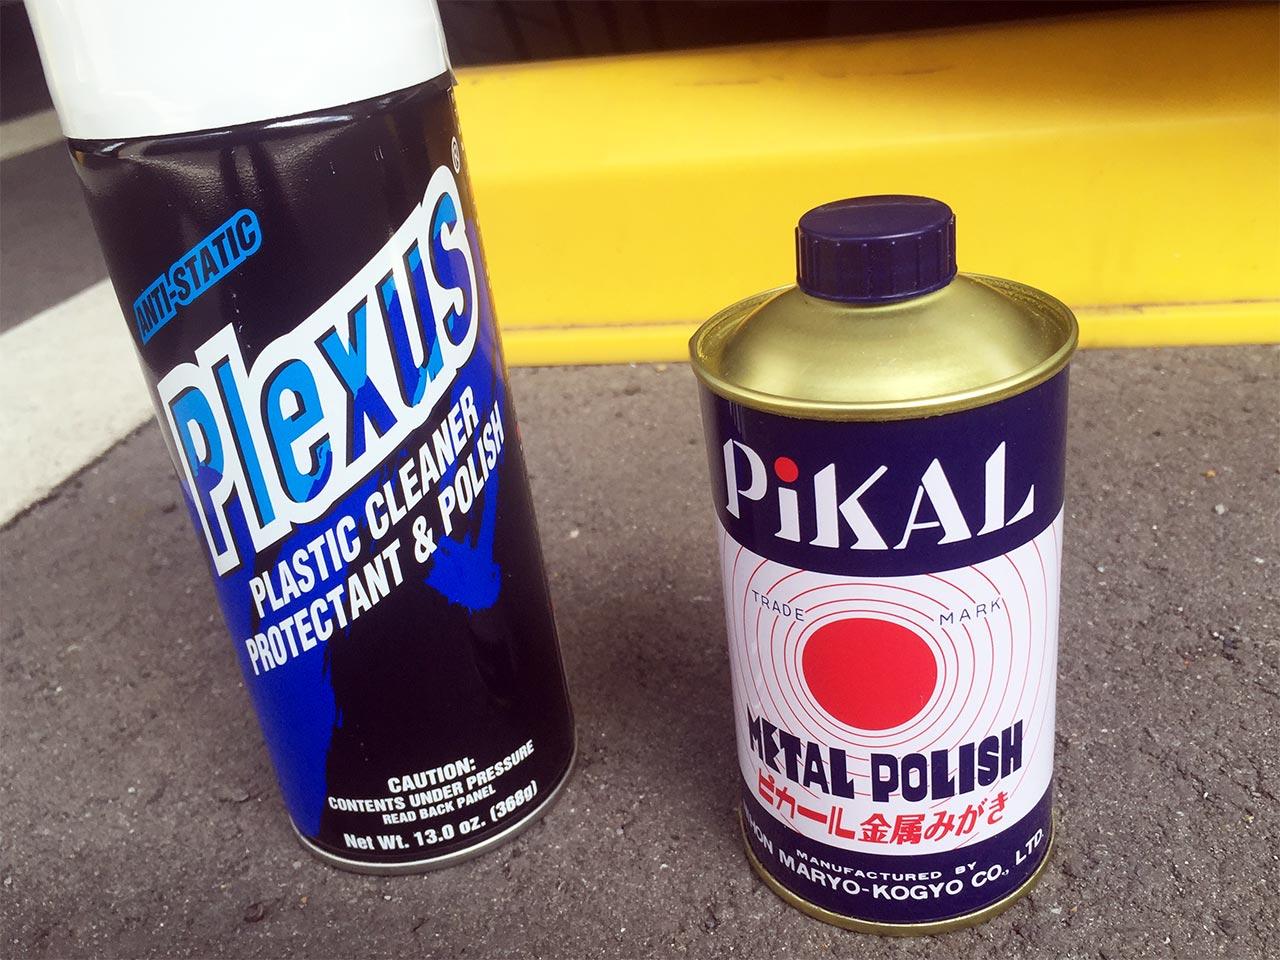 プレクサス(Plexus)とピカール(PiKAL)